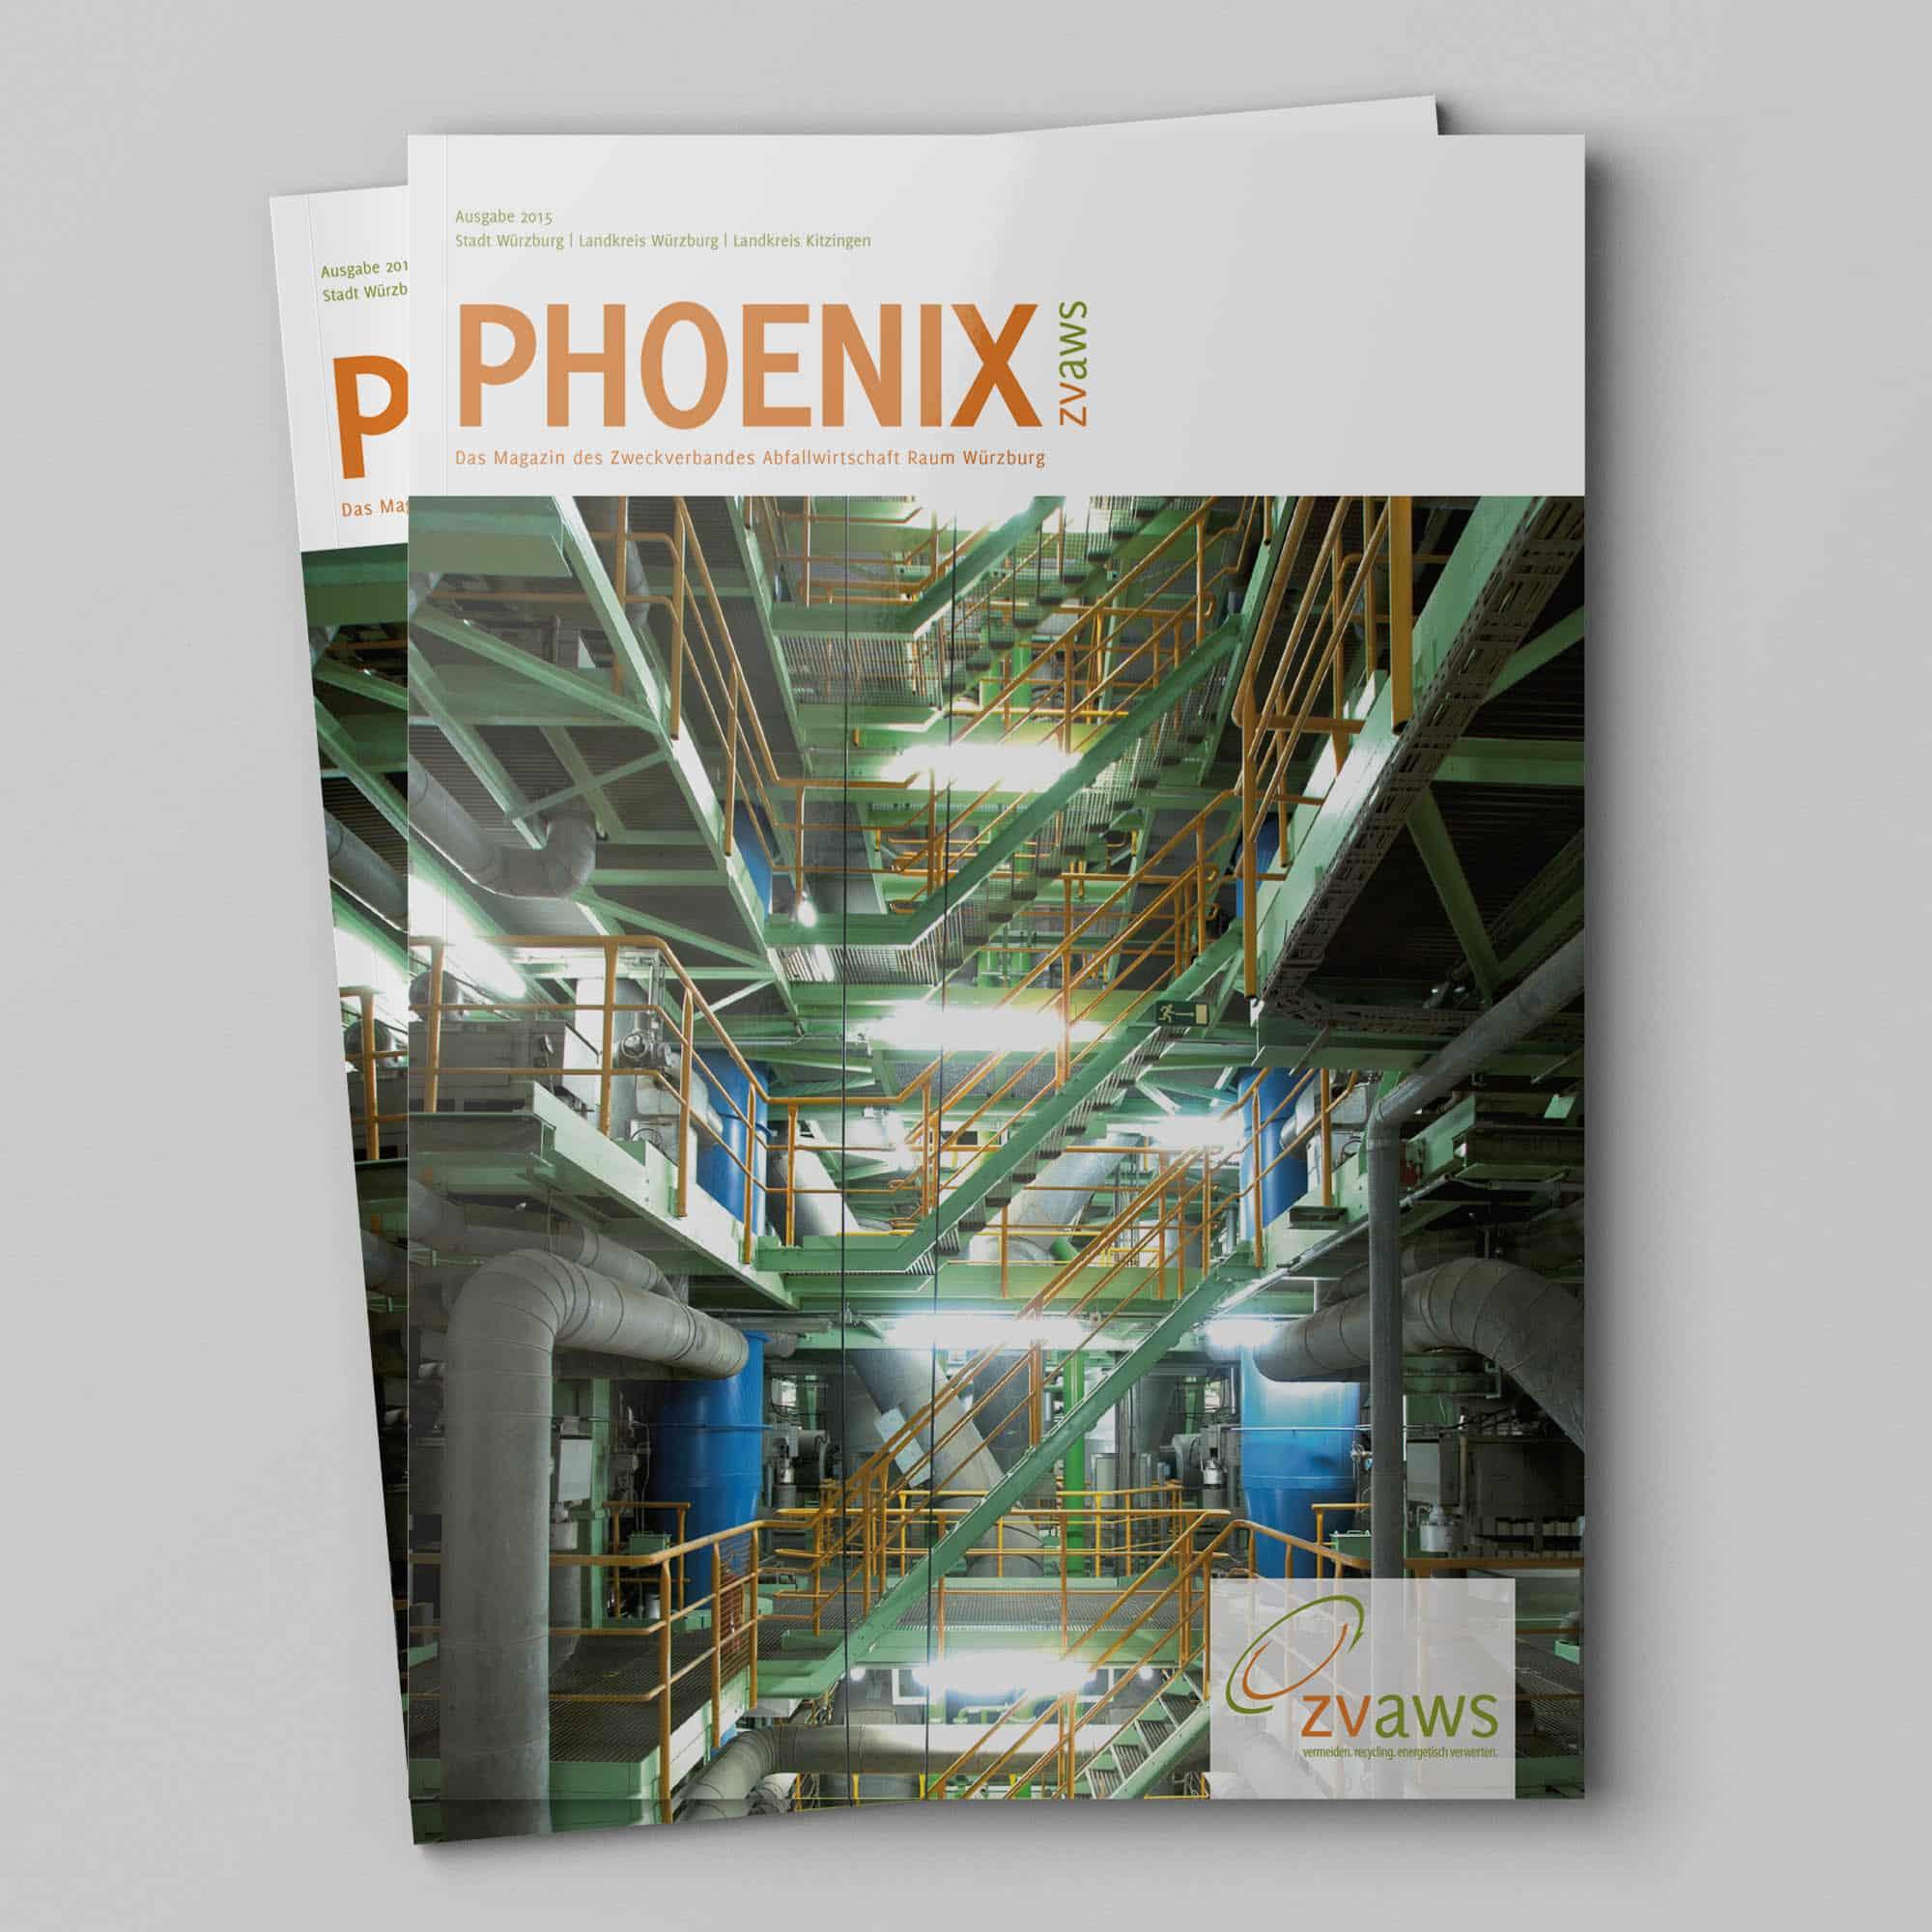 Magazin Phoenix des ZVAWS in Würzburg Titelseite